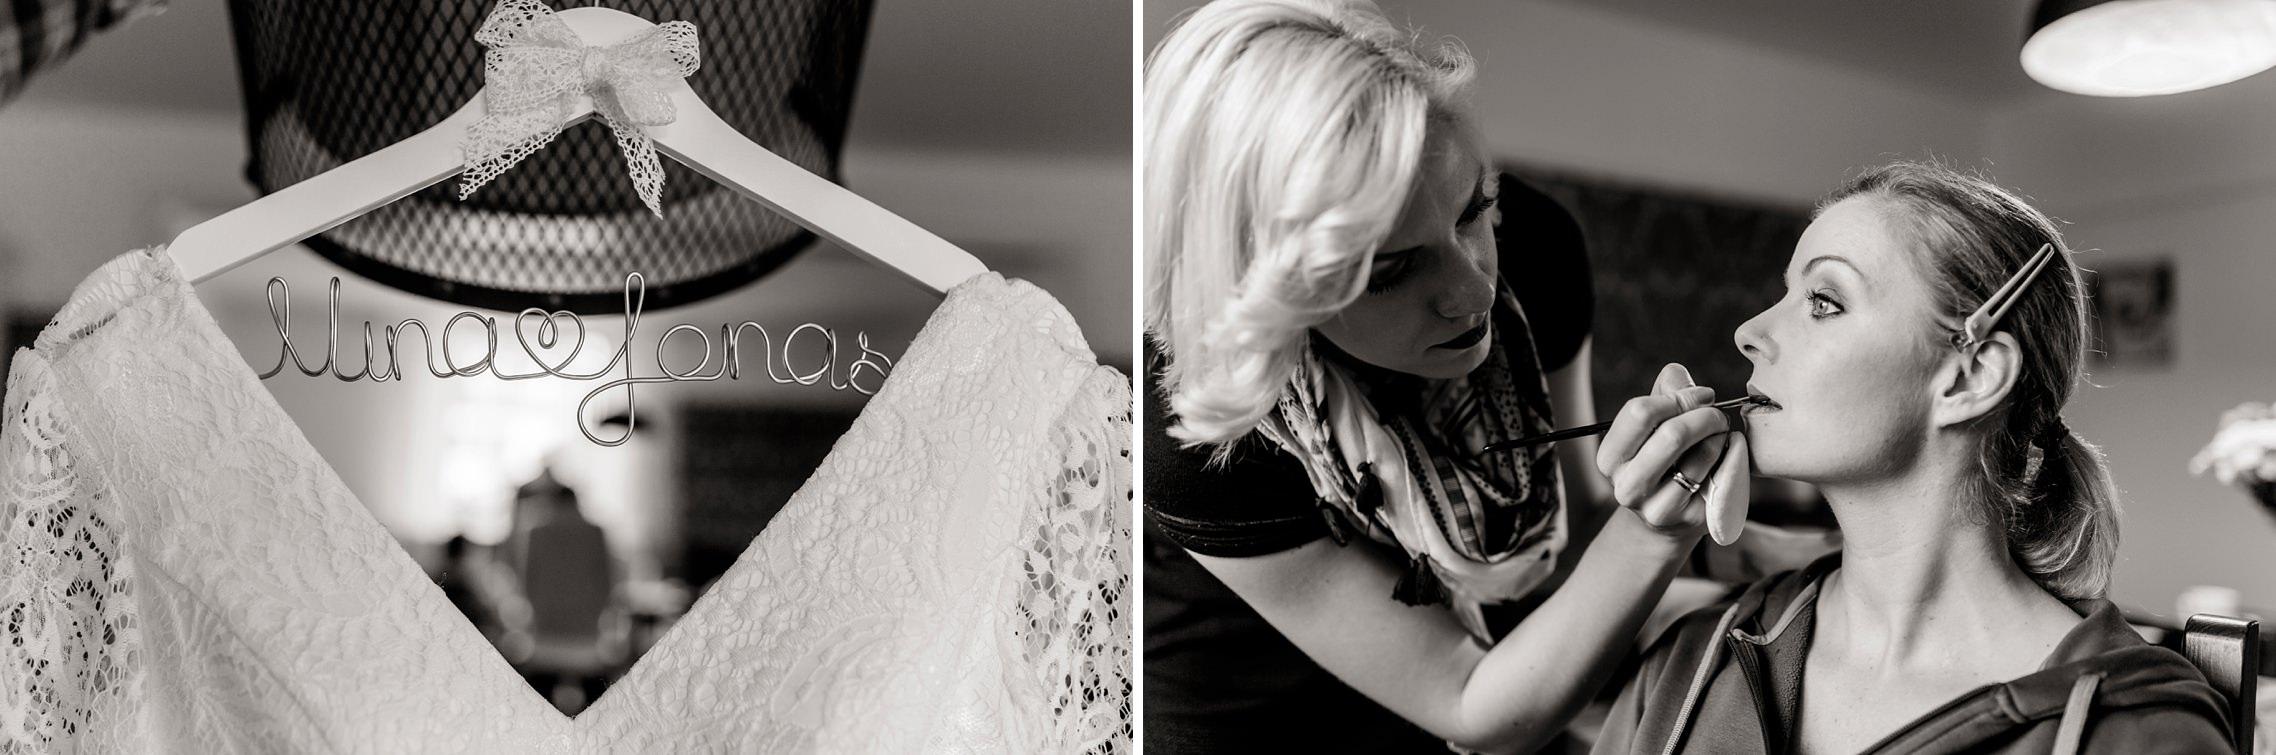 Schwarzweiss-Portrait der Braut, die beim Getting Ready von ihrer Stylistin geschminkt wird.